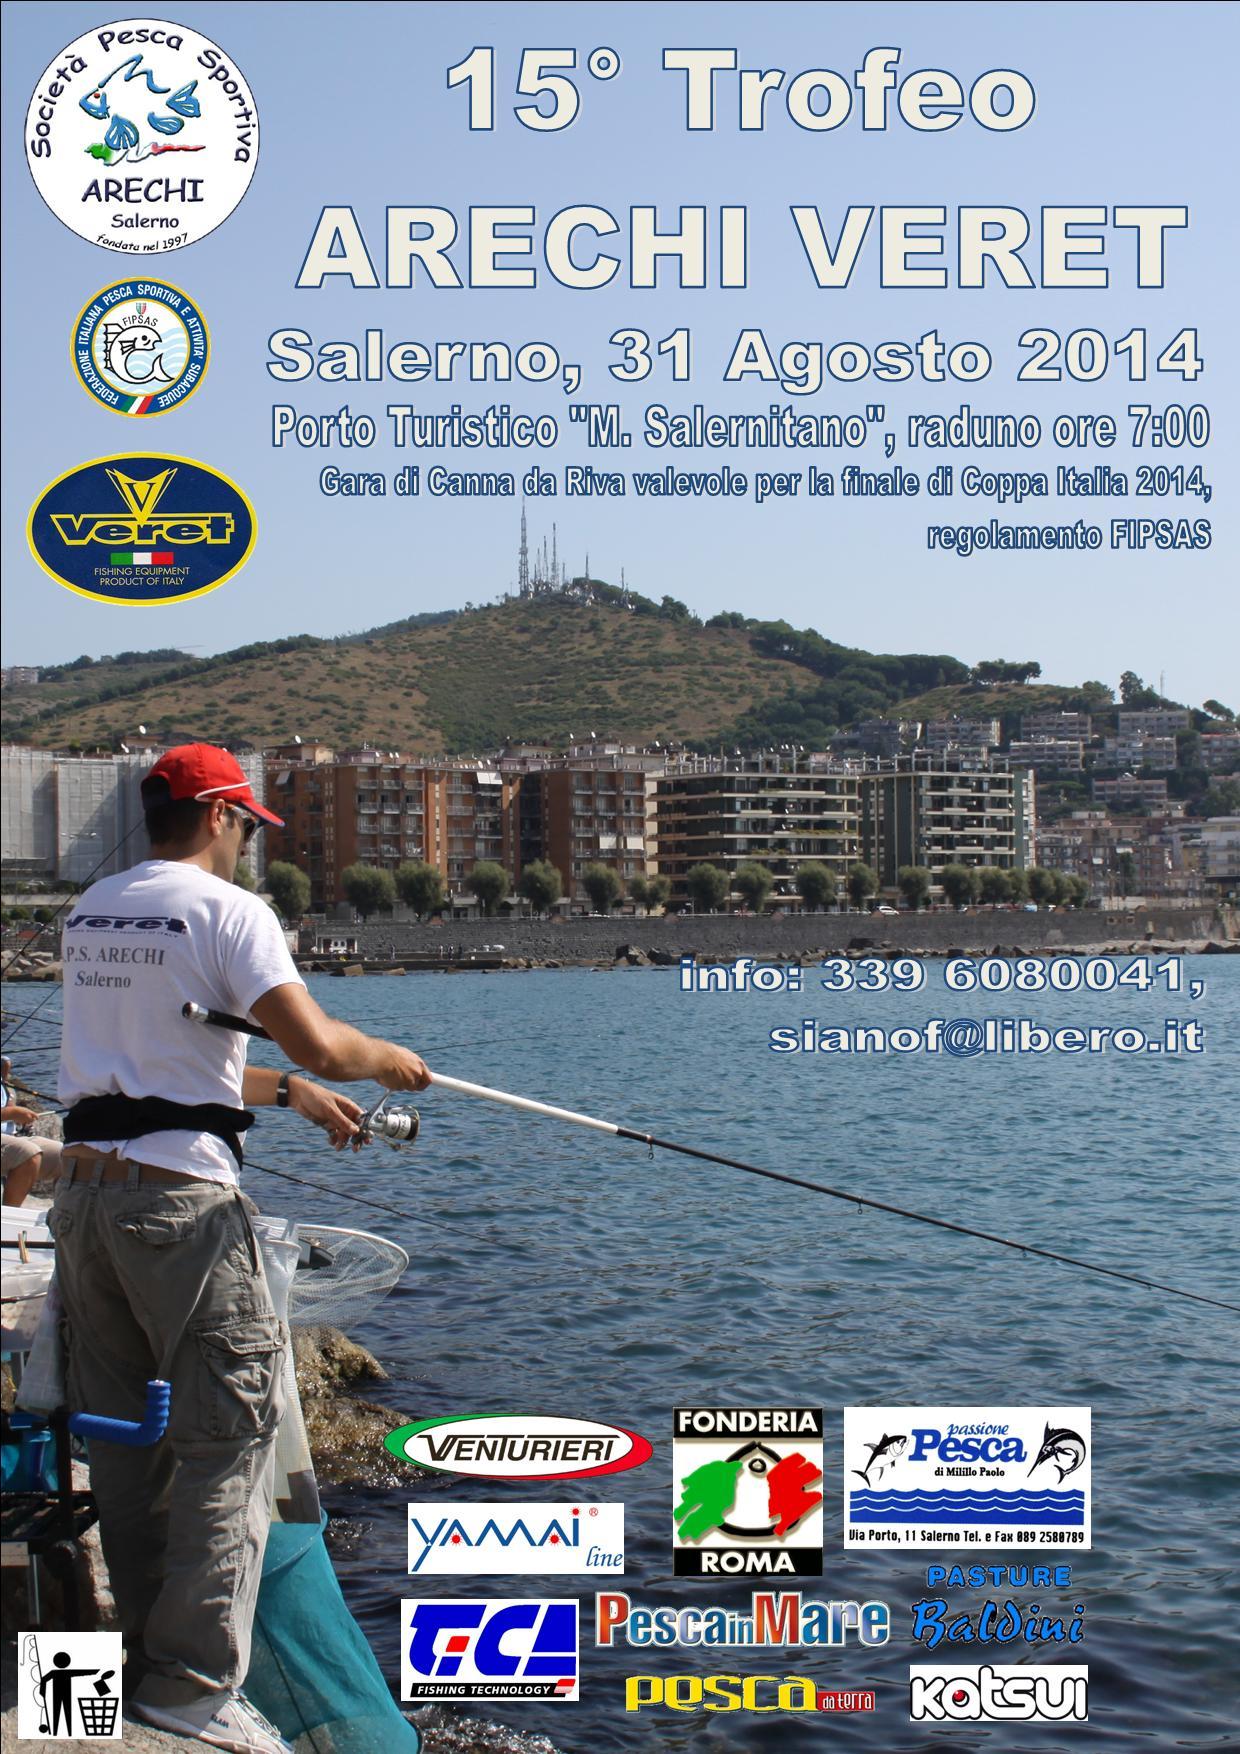 15° Trofeo ARECHI VERET - F. Siano